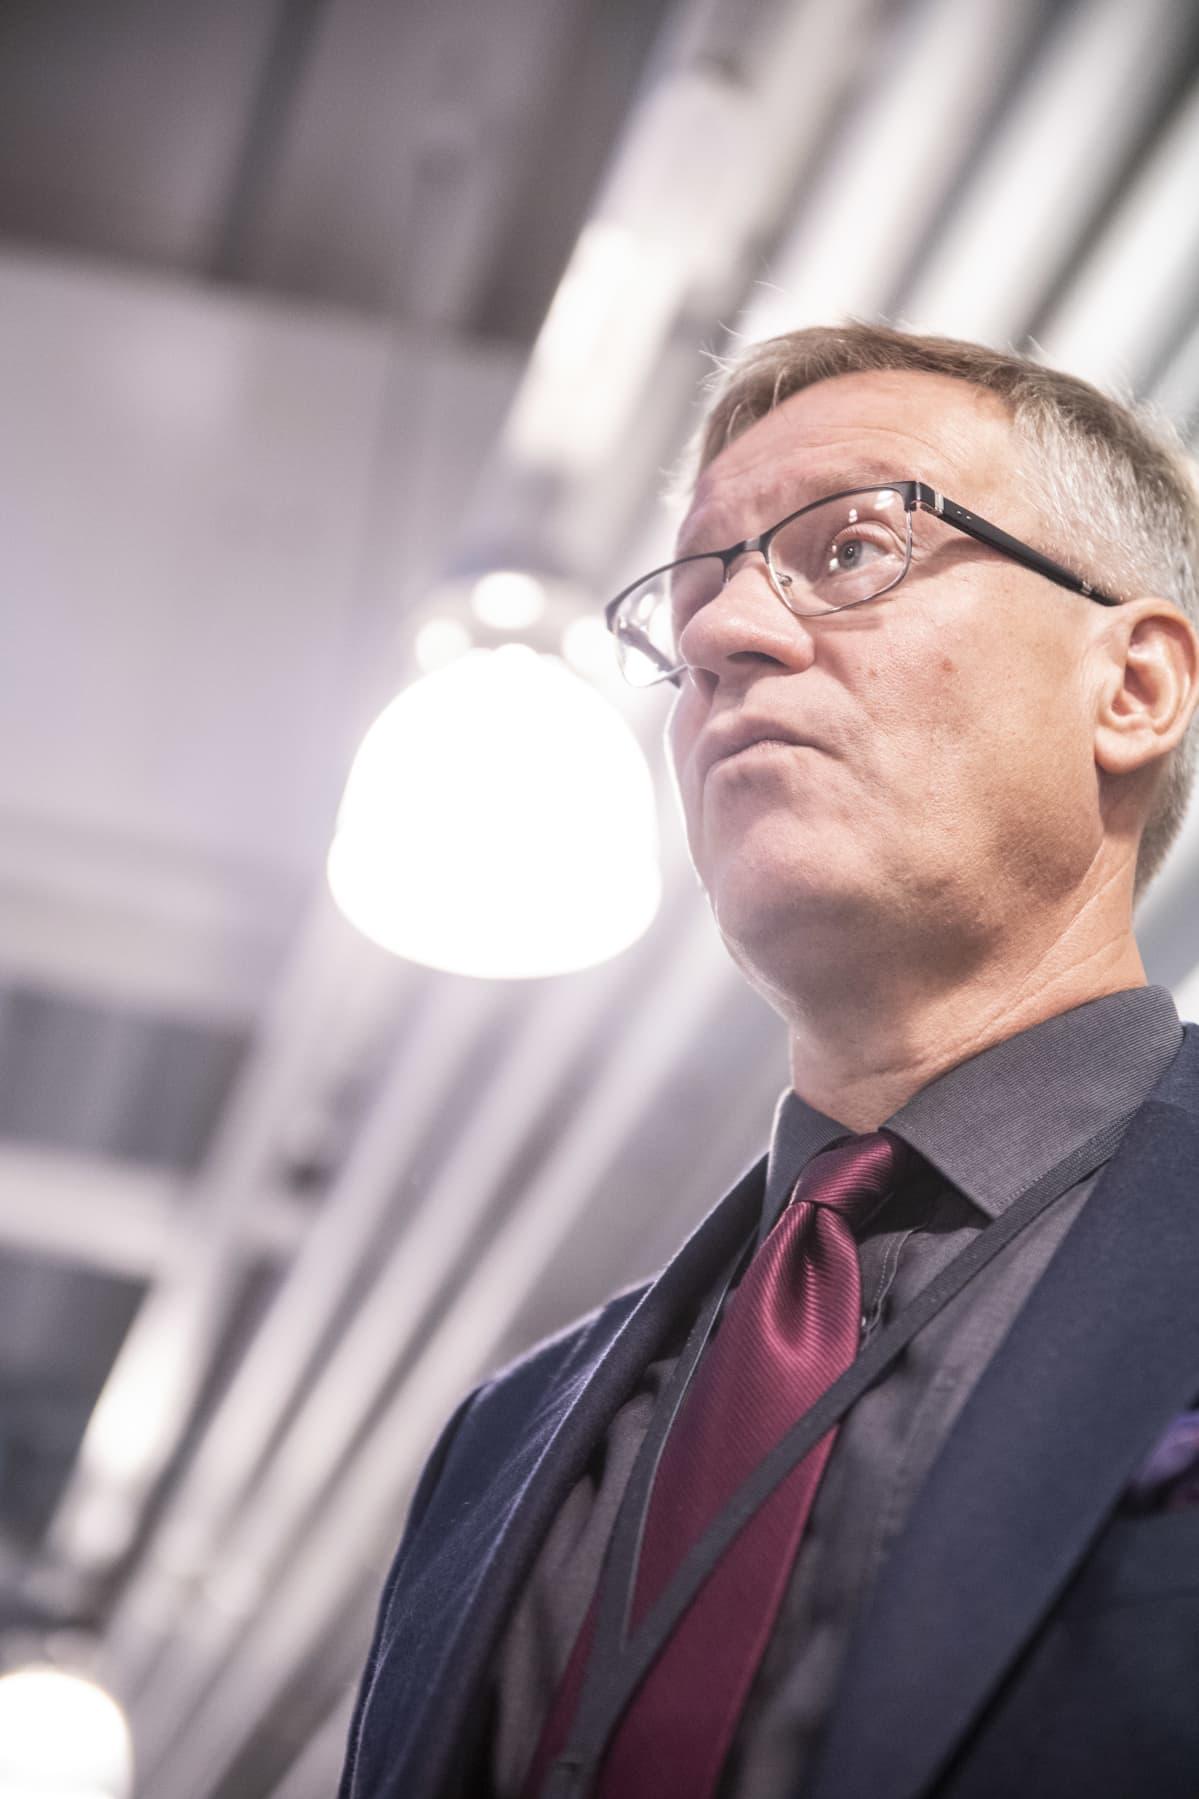 Savon koulutuskuntayhtymän johtaja Heikki Helve seisoo ja katsoo ylöspäin.